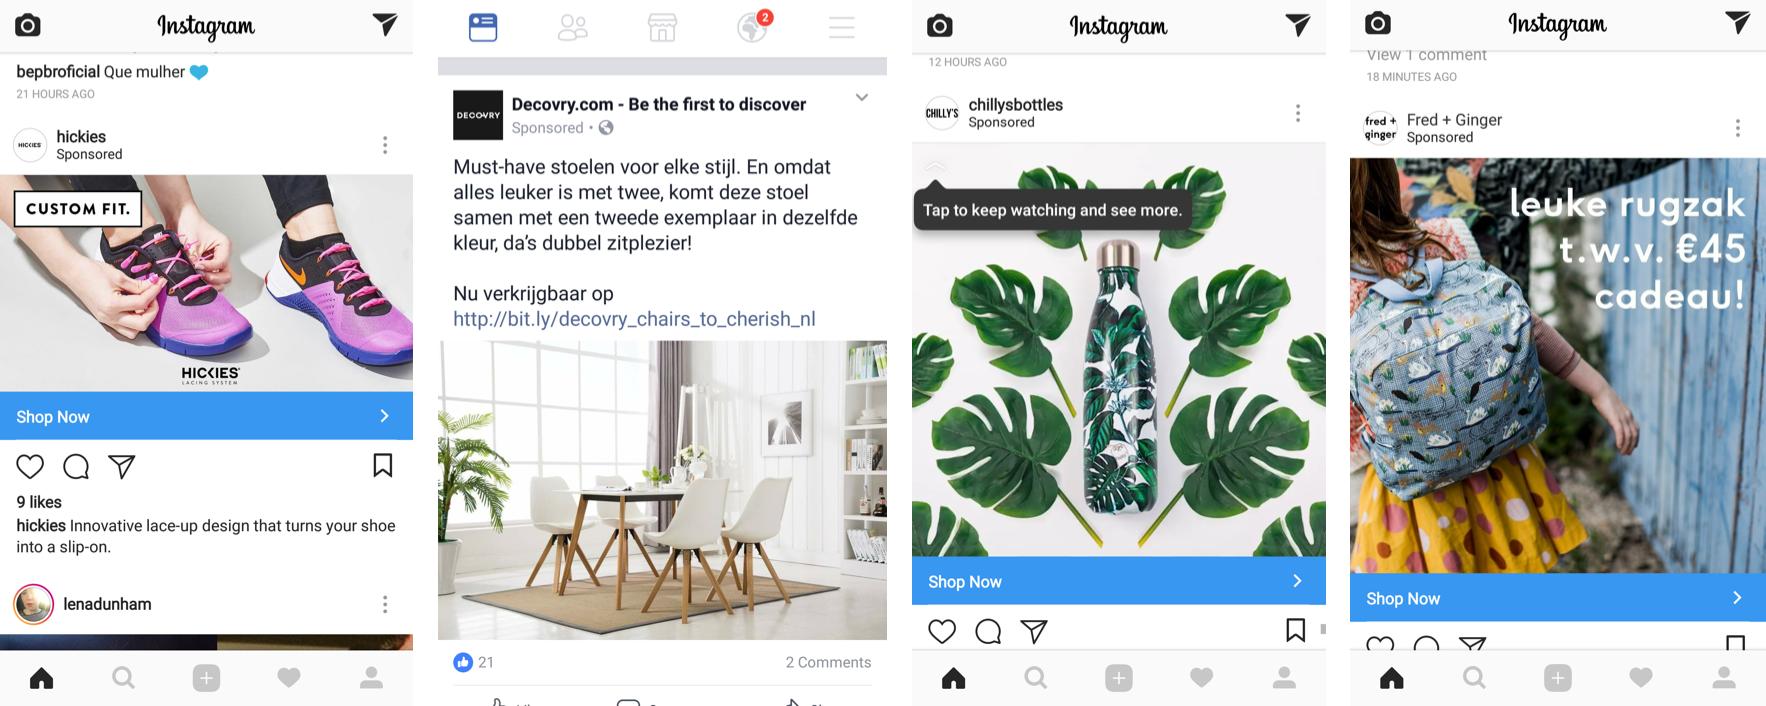 Mobile Marketing - social media